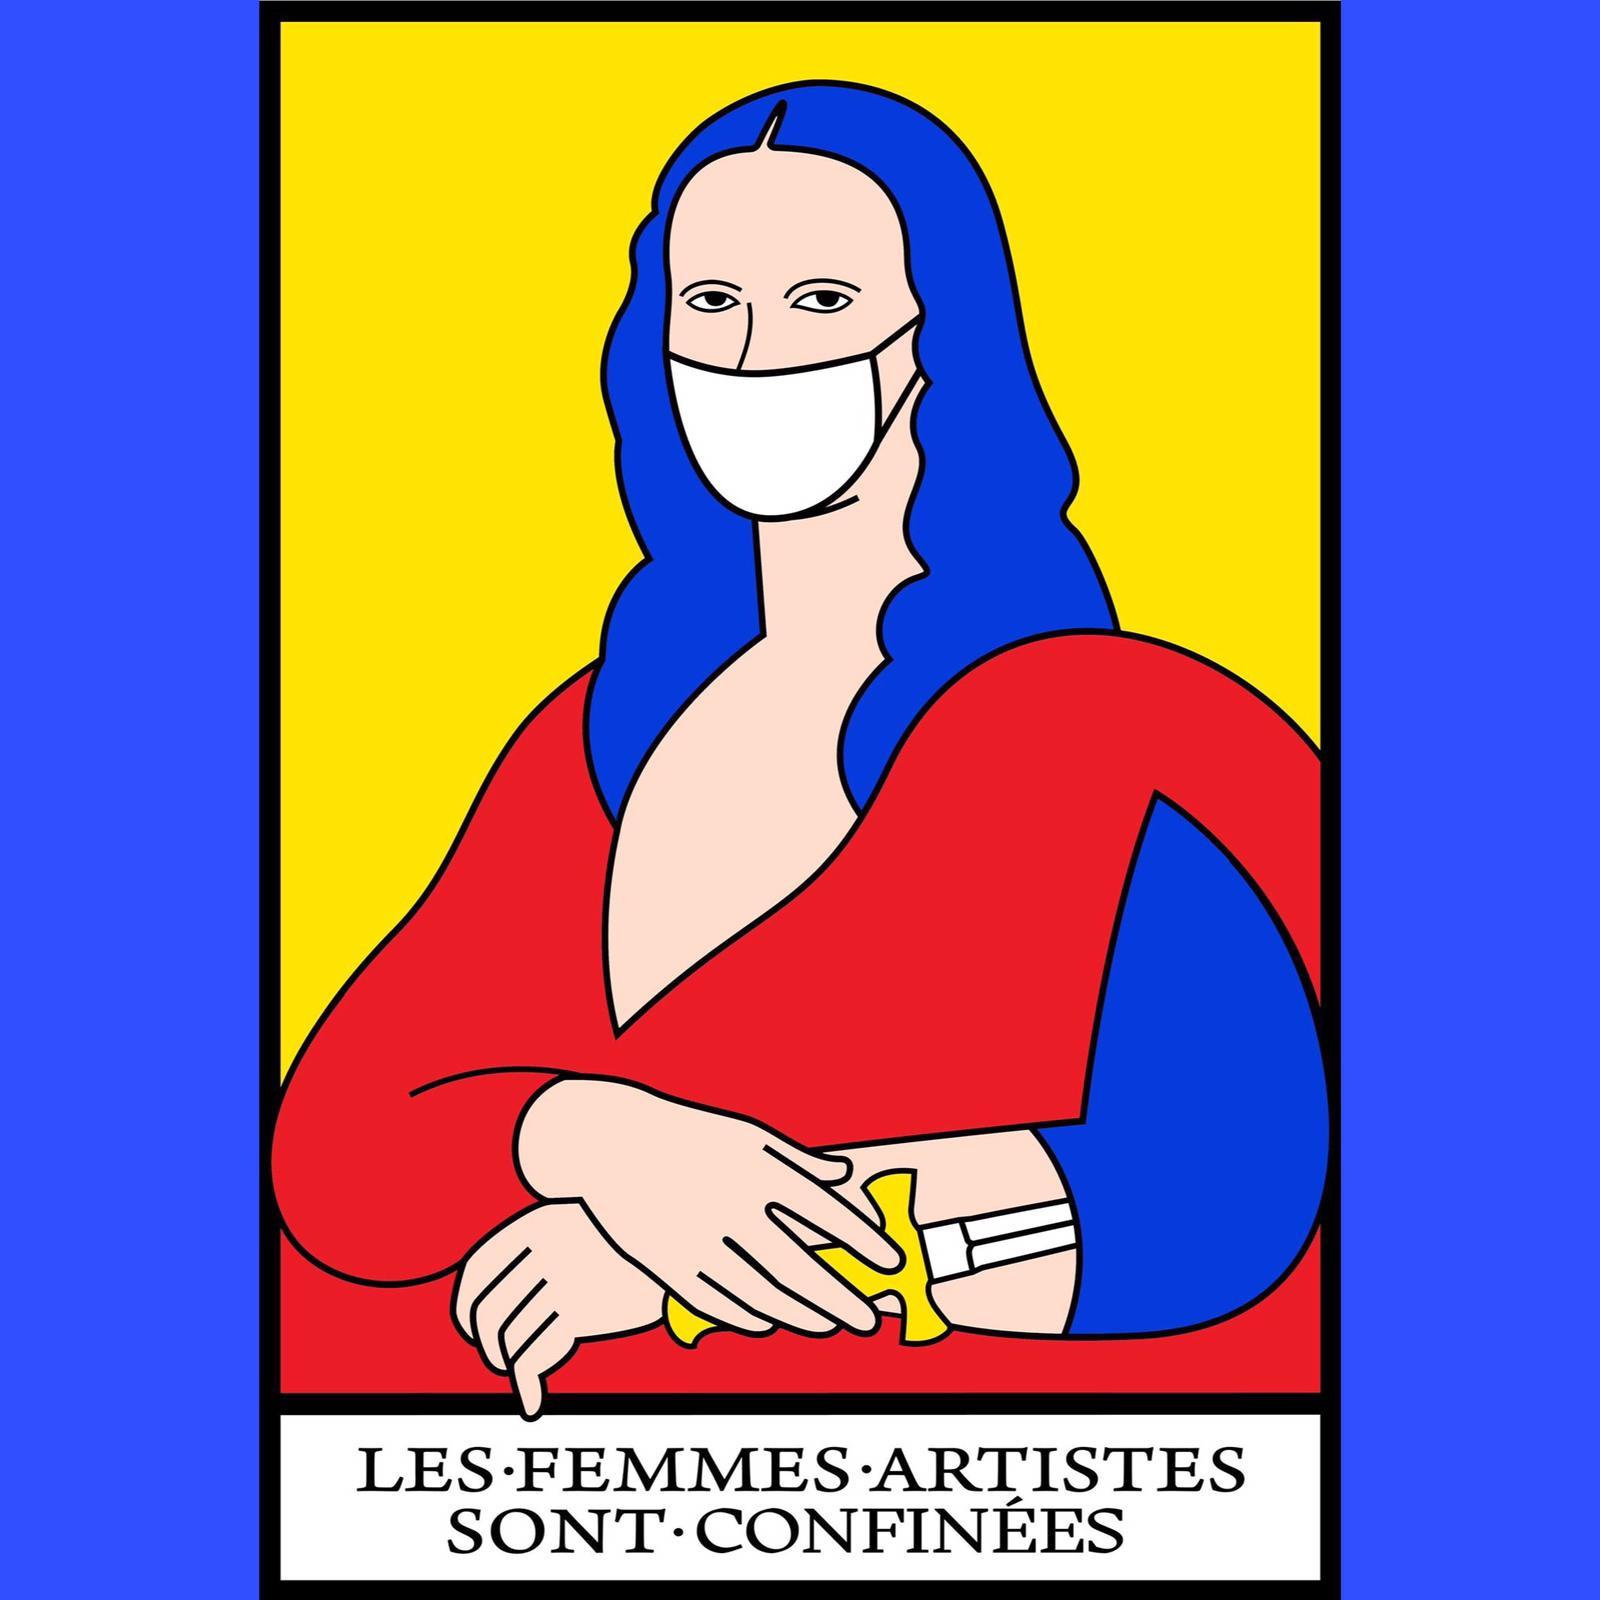 Les Femmes Artistes sont Confinées : Astrid Manoukian